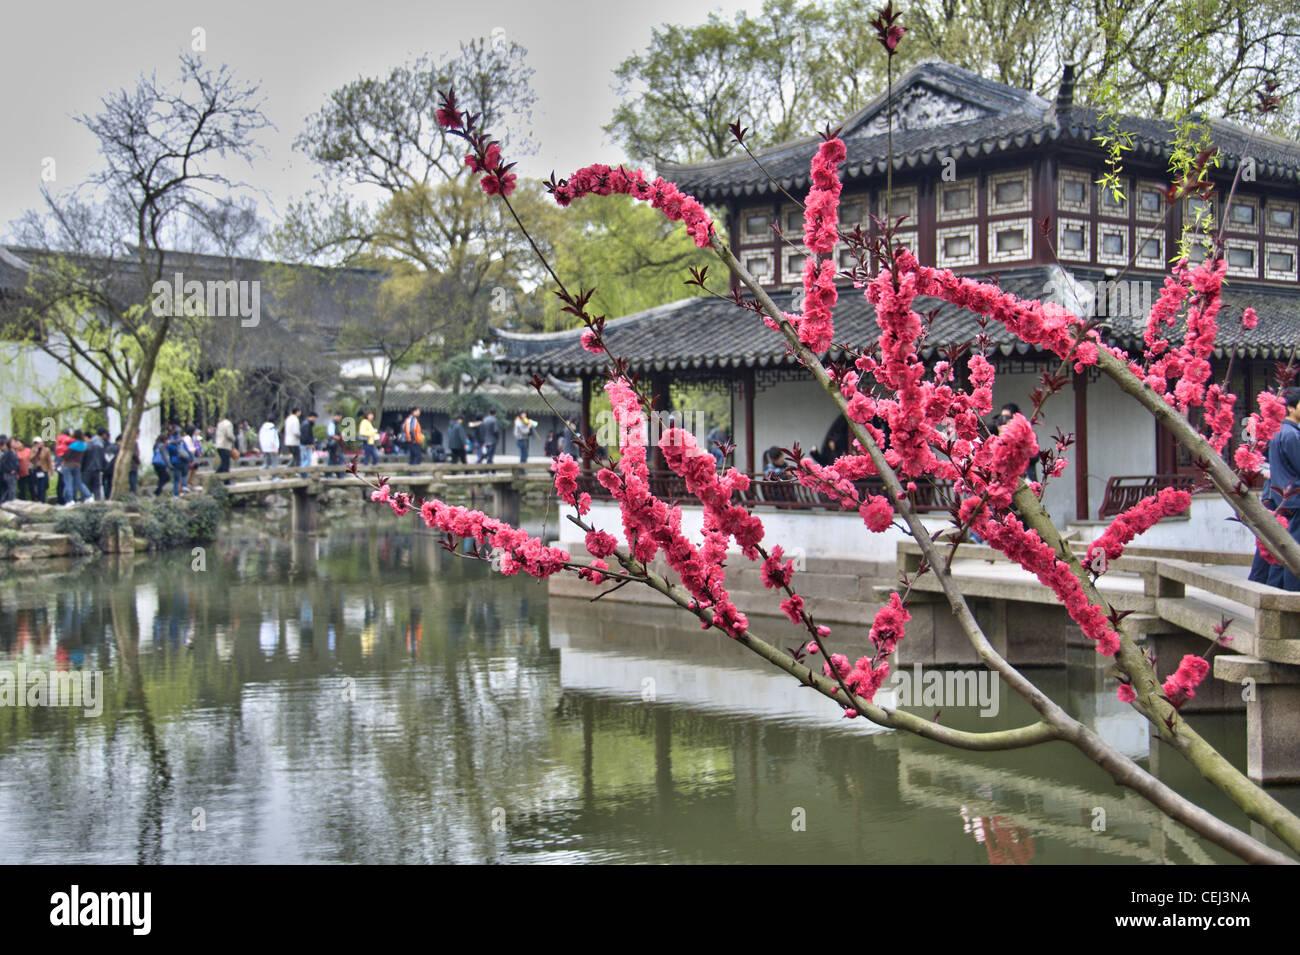 Y la pagoda del estanque en el Jardín del Administrador Humilde - en Suzhou (China) Imagen De Stock